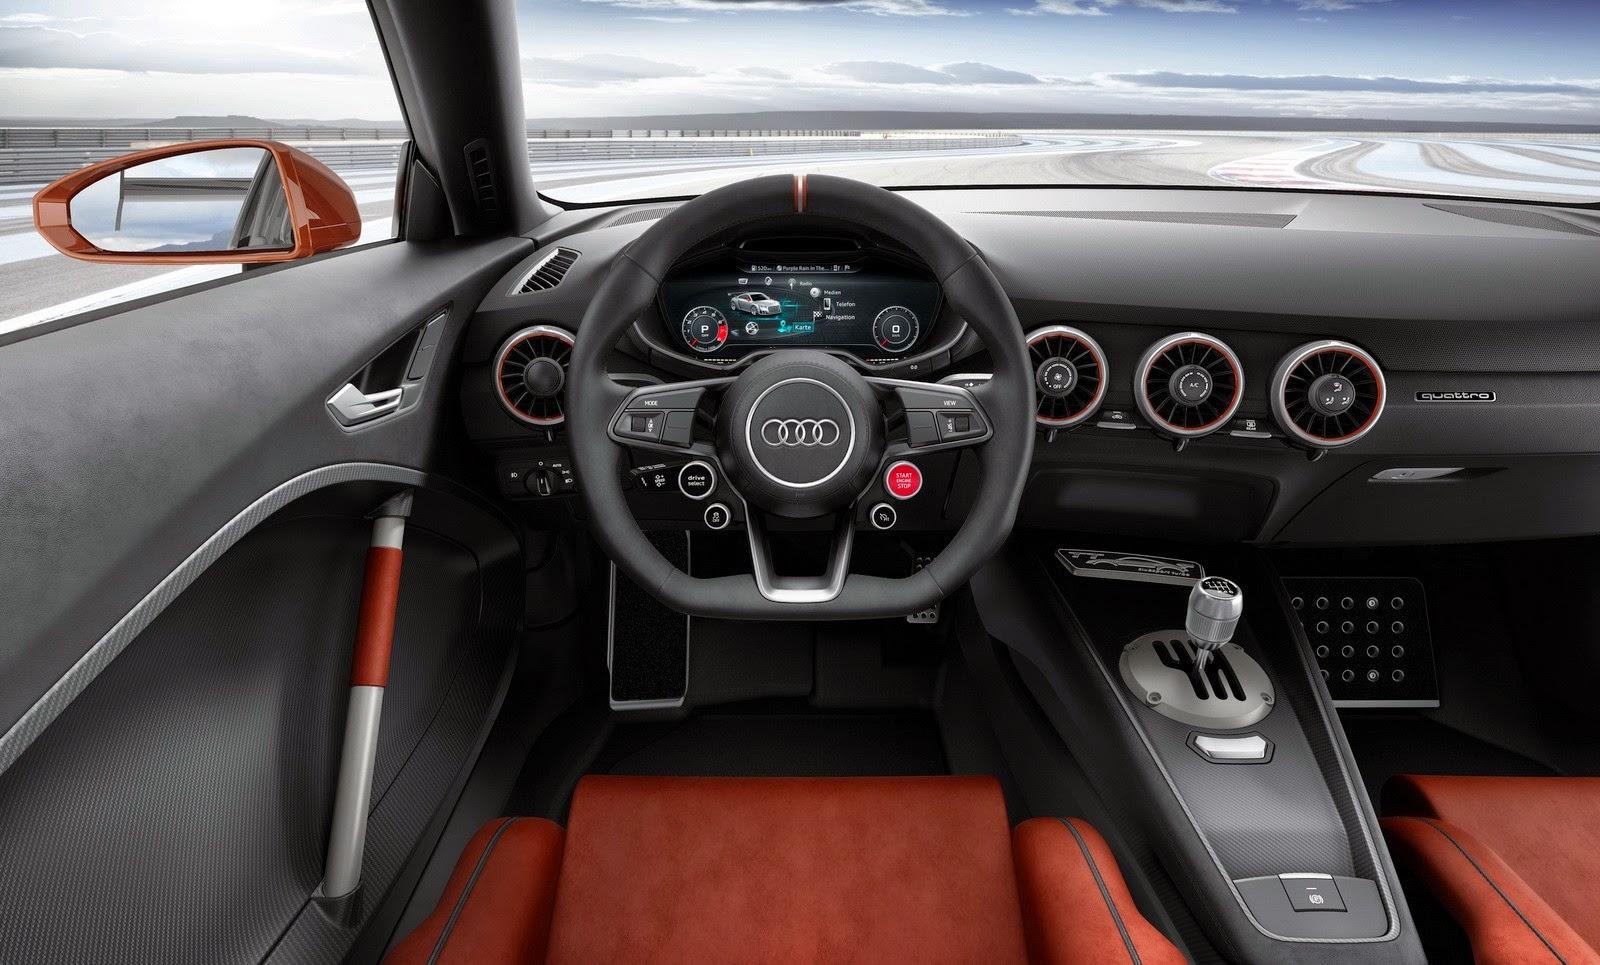 [Audi-TT-CLubsport-Turbo008%255B2%255D.jpg]